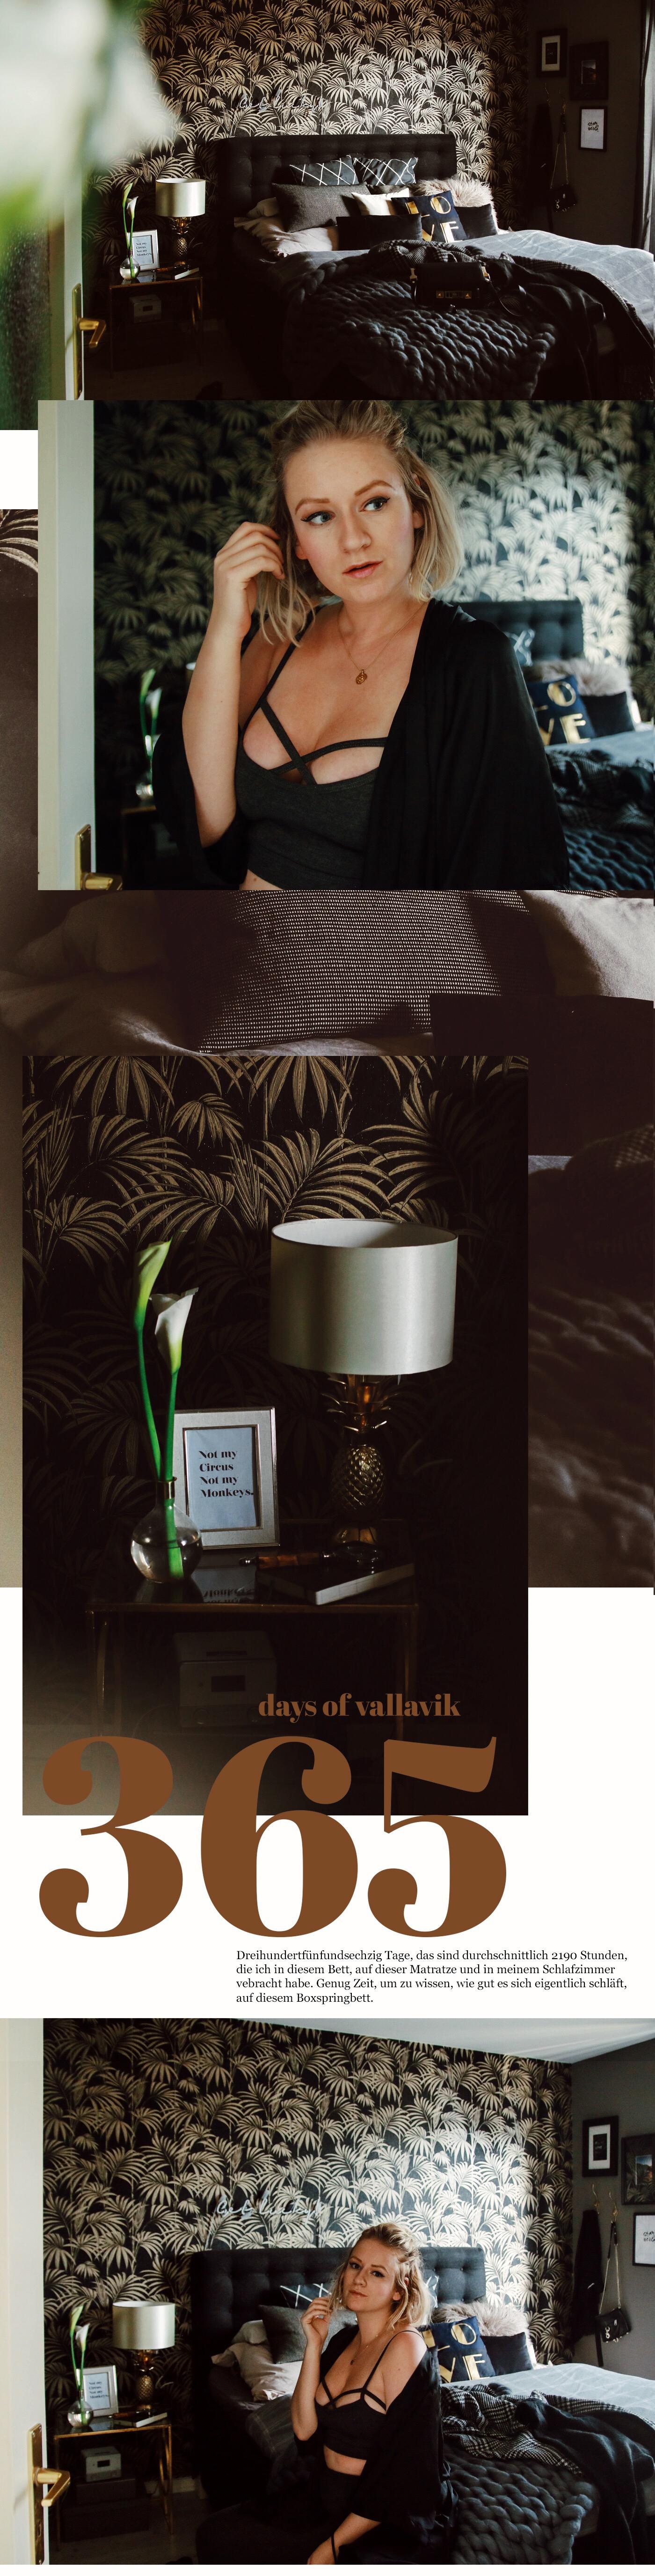 365 tage vallavik warum ich mir ein boxsprinbett gekauft habe lina mallon. Black Bedroom Furniture Sets. Home Design Ideas